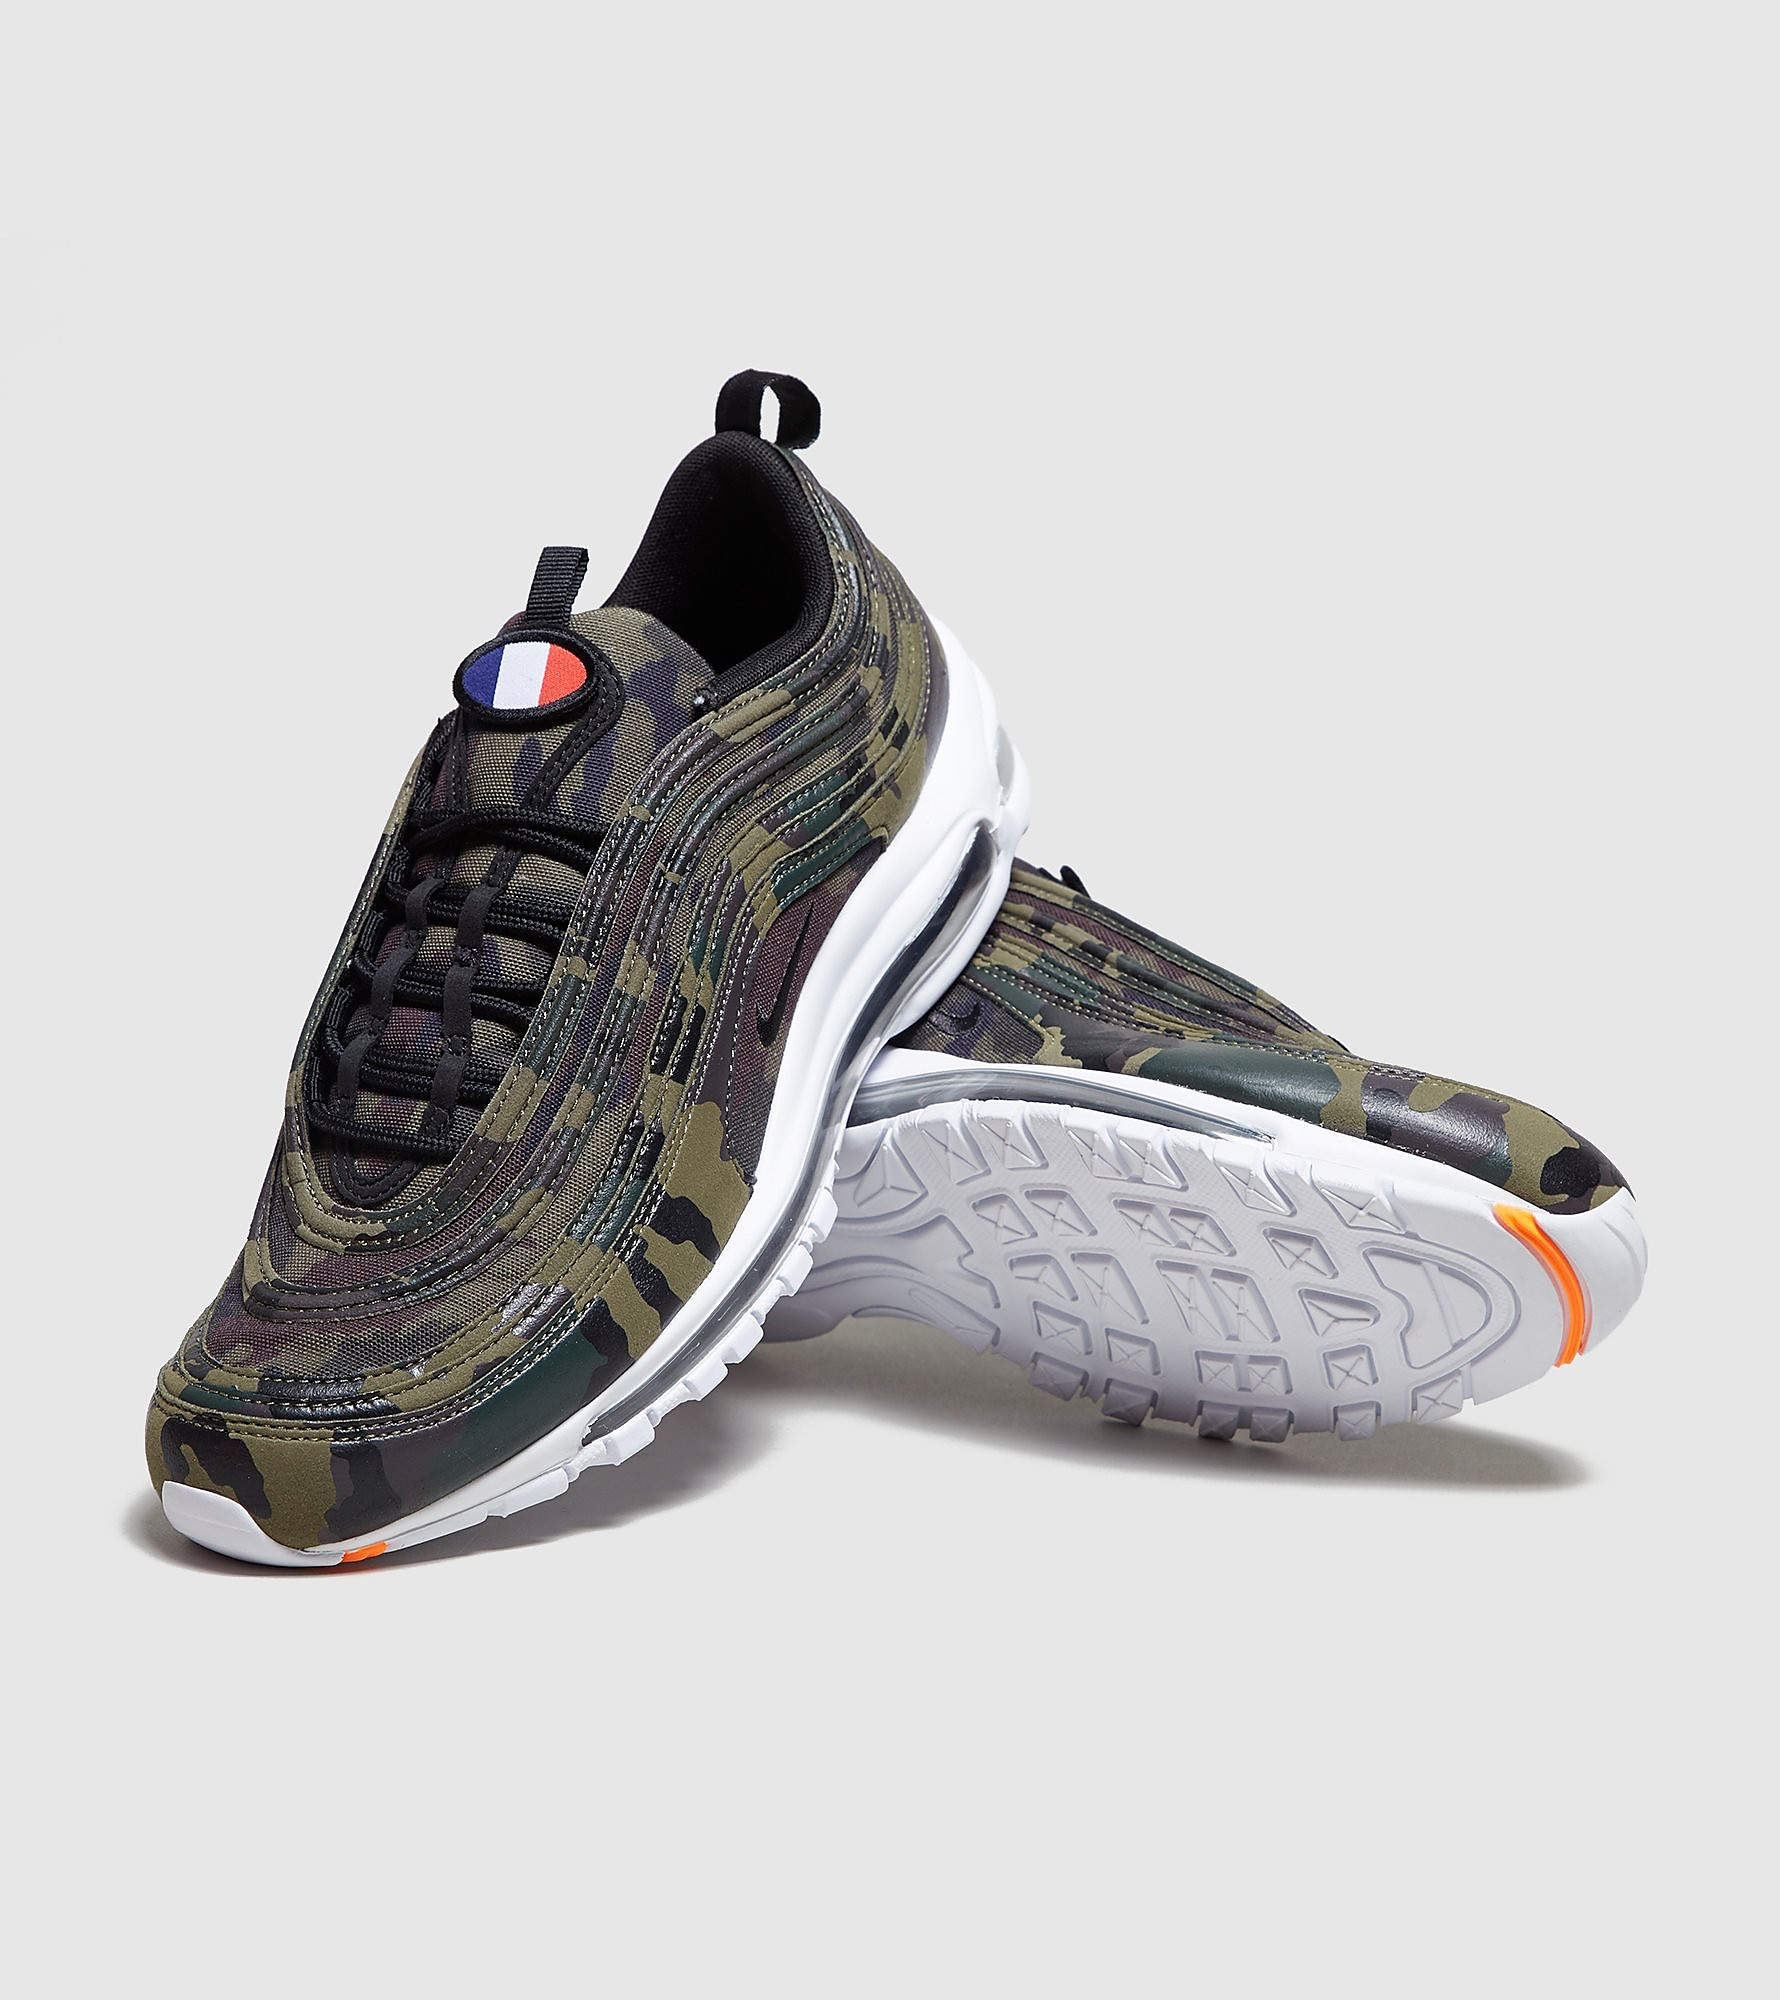 Nike Air Max 97 Camo France